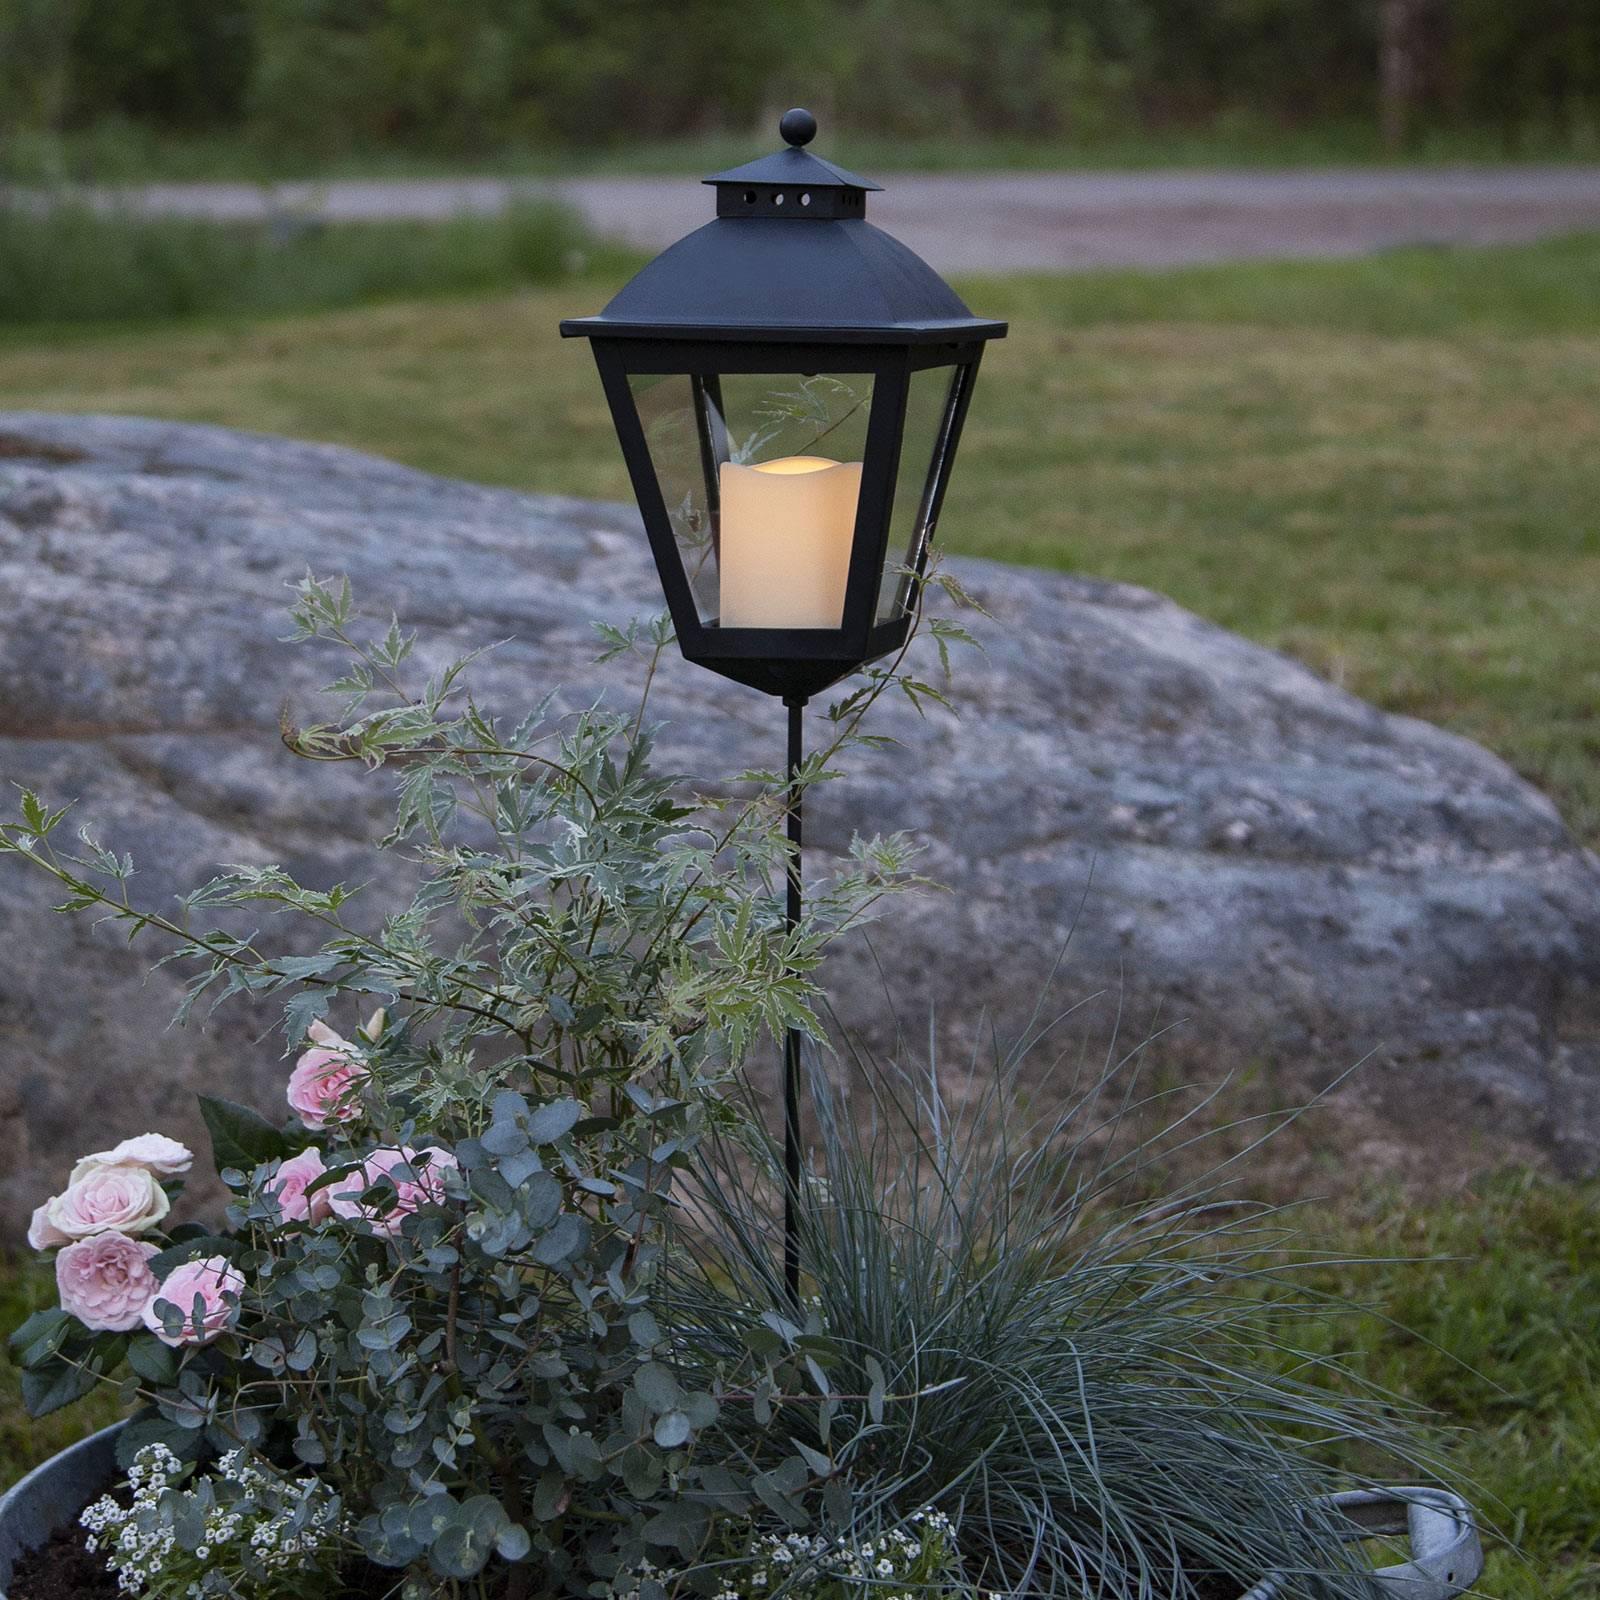 Serene-LED-hautalyhty ajastimella, korkeus 84 cm